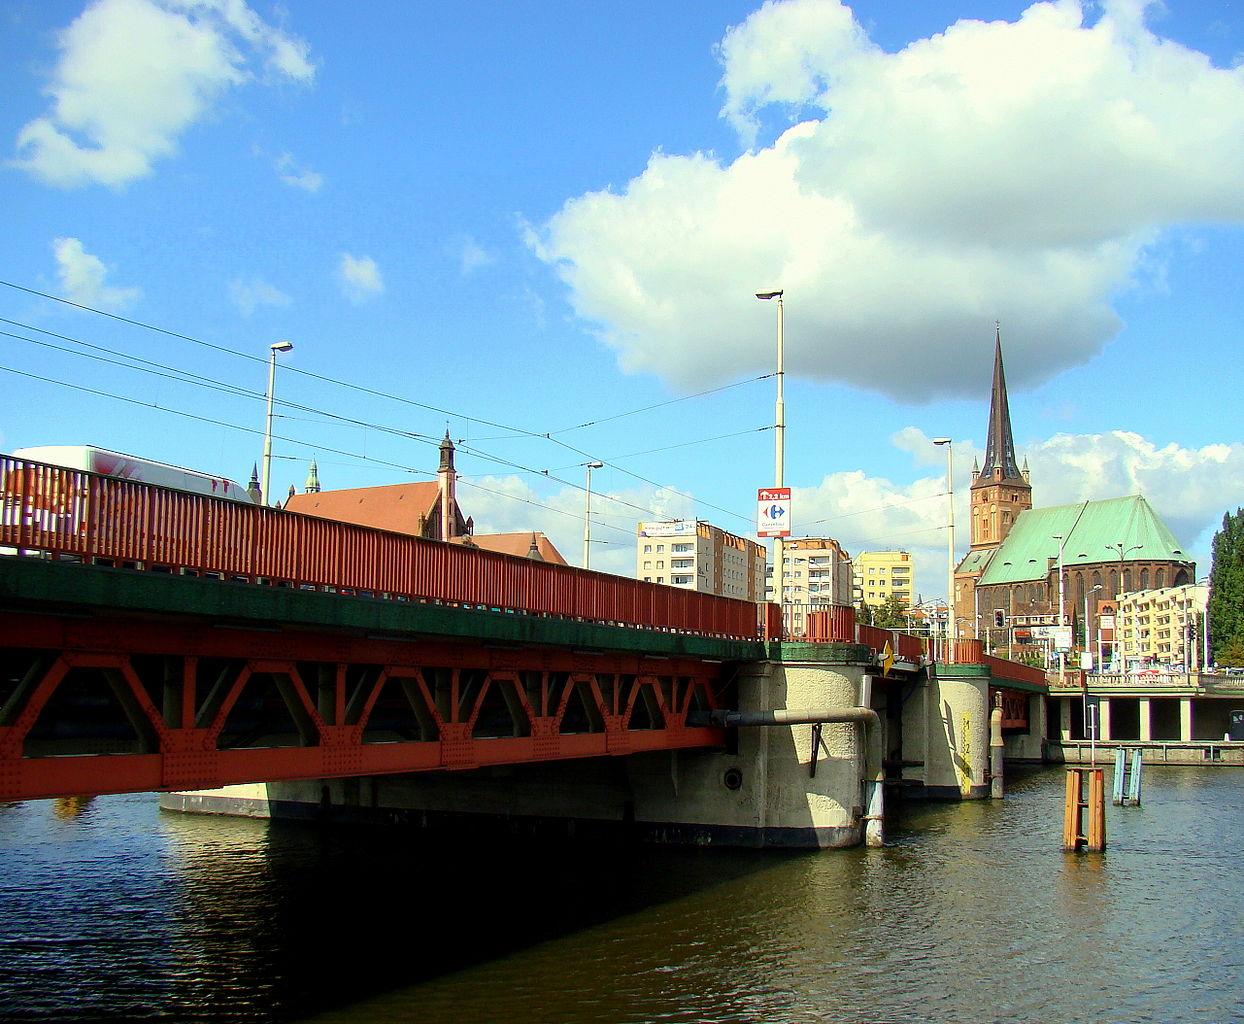 Jak poruszać się po mieście bez mostu długiego?